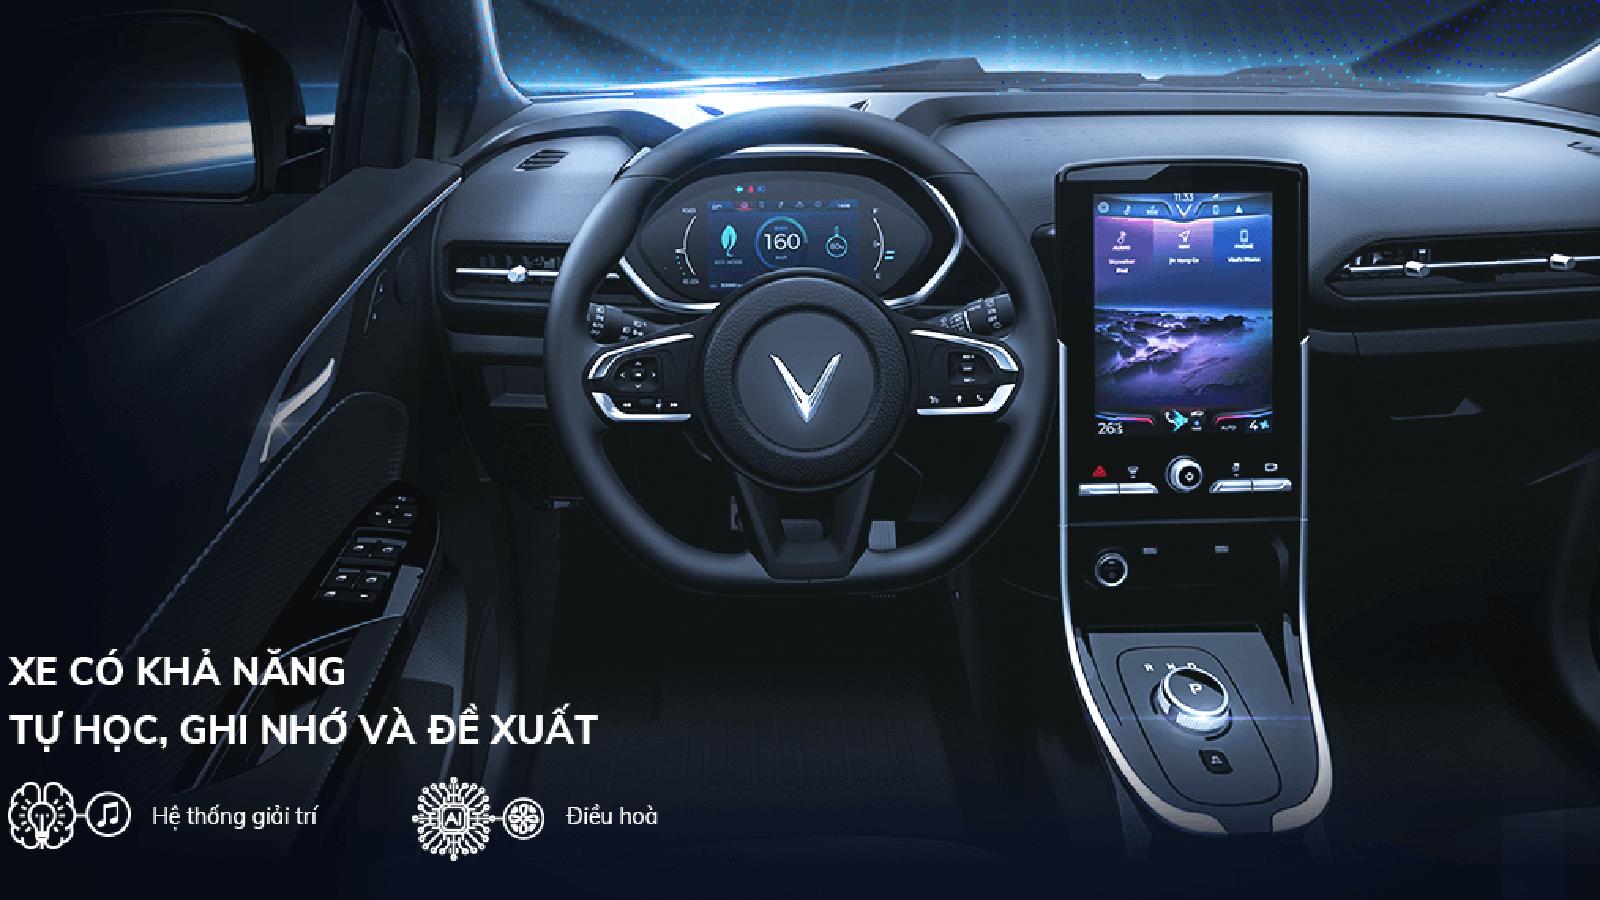 6 tính năng khiến xe điện VinFast VF e34 thông minh thuộc loại nhất thế giới